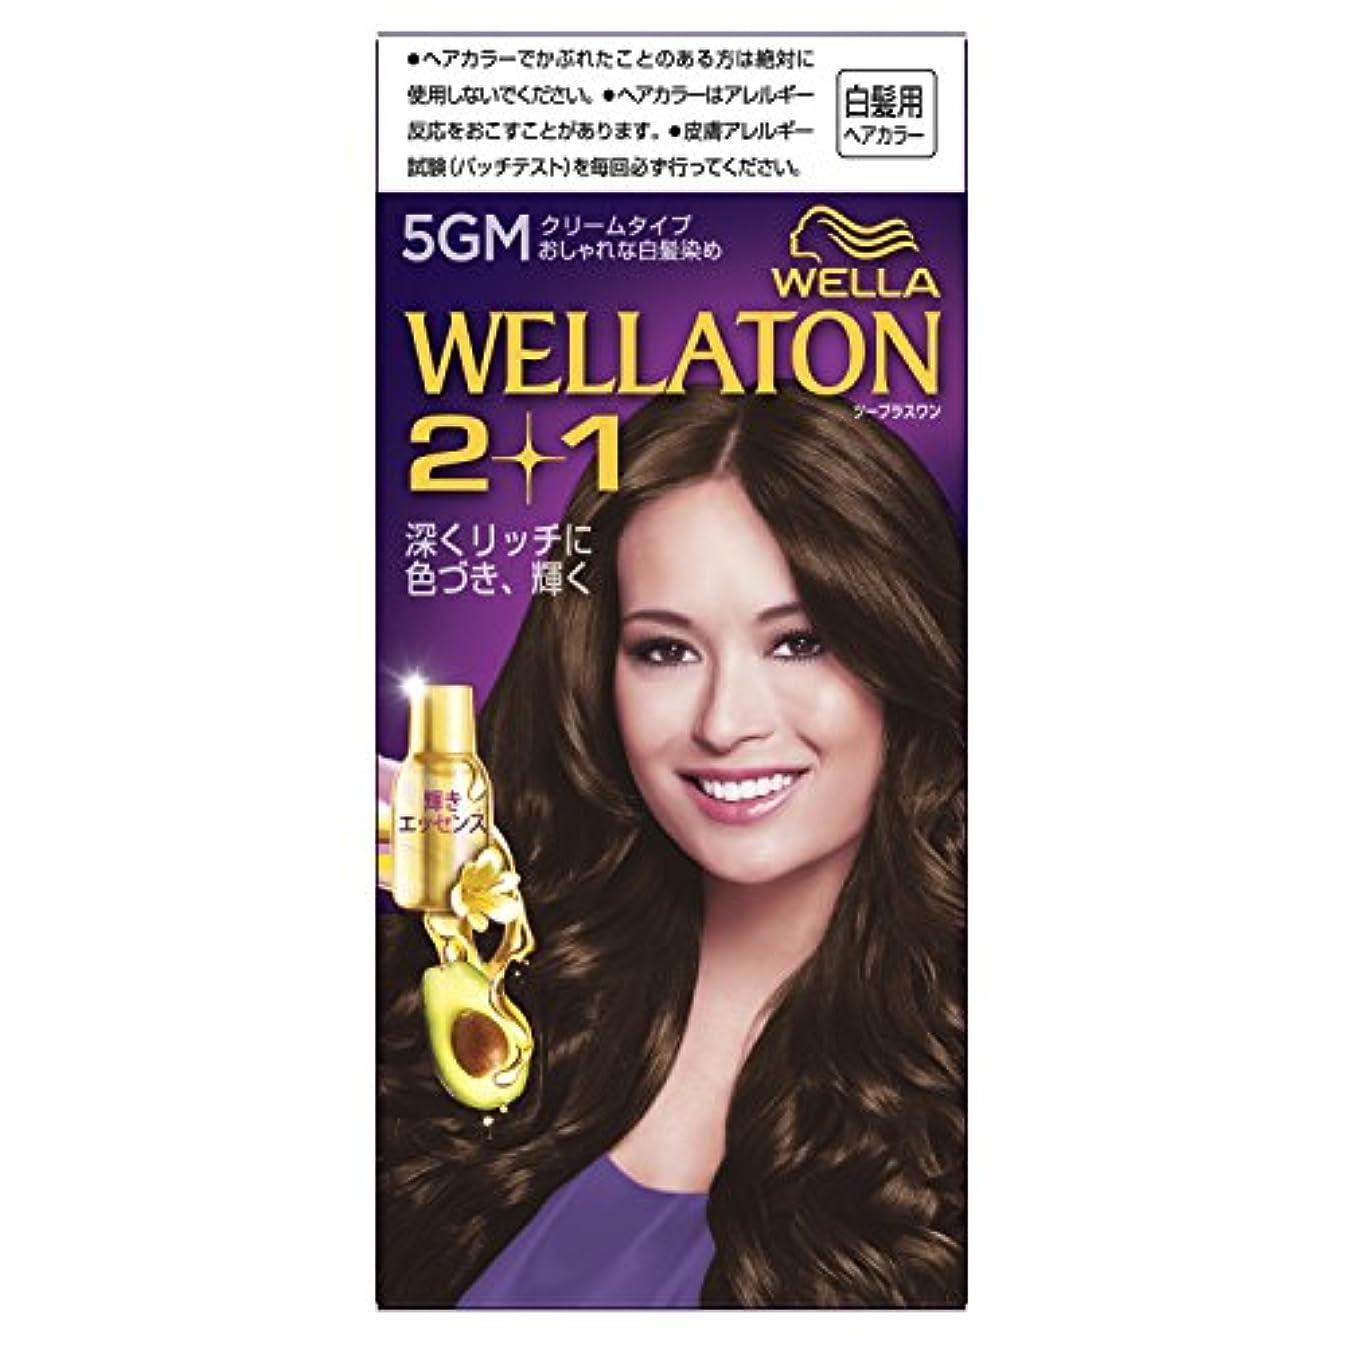 公式知覚称賛ウエラトーン2+1 クリームタイプ 5GM [医薬部外品](おしゃれな白髪染め)